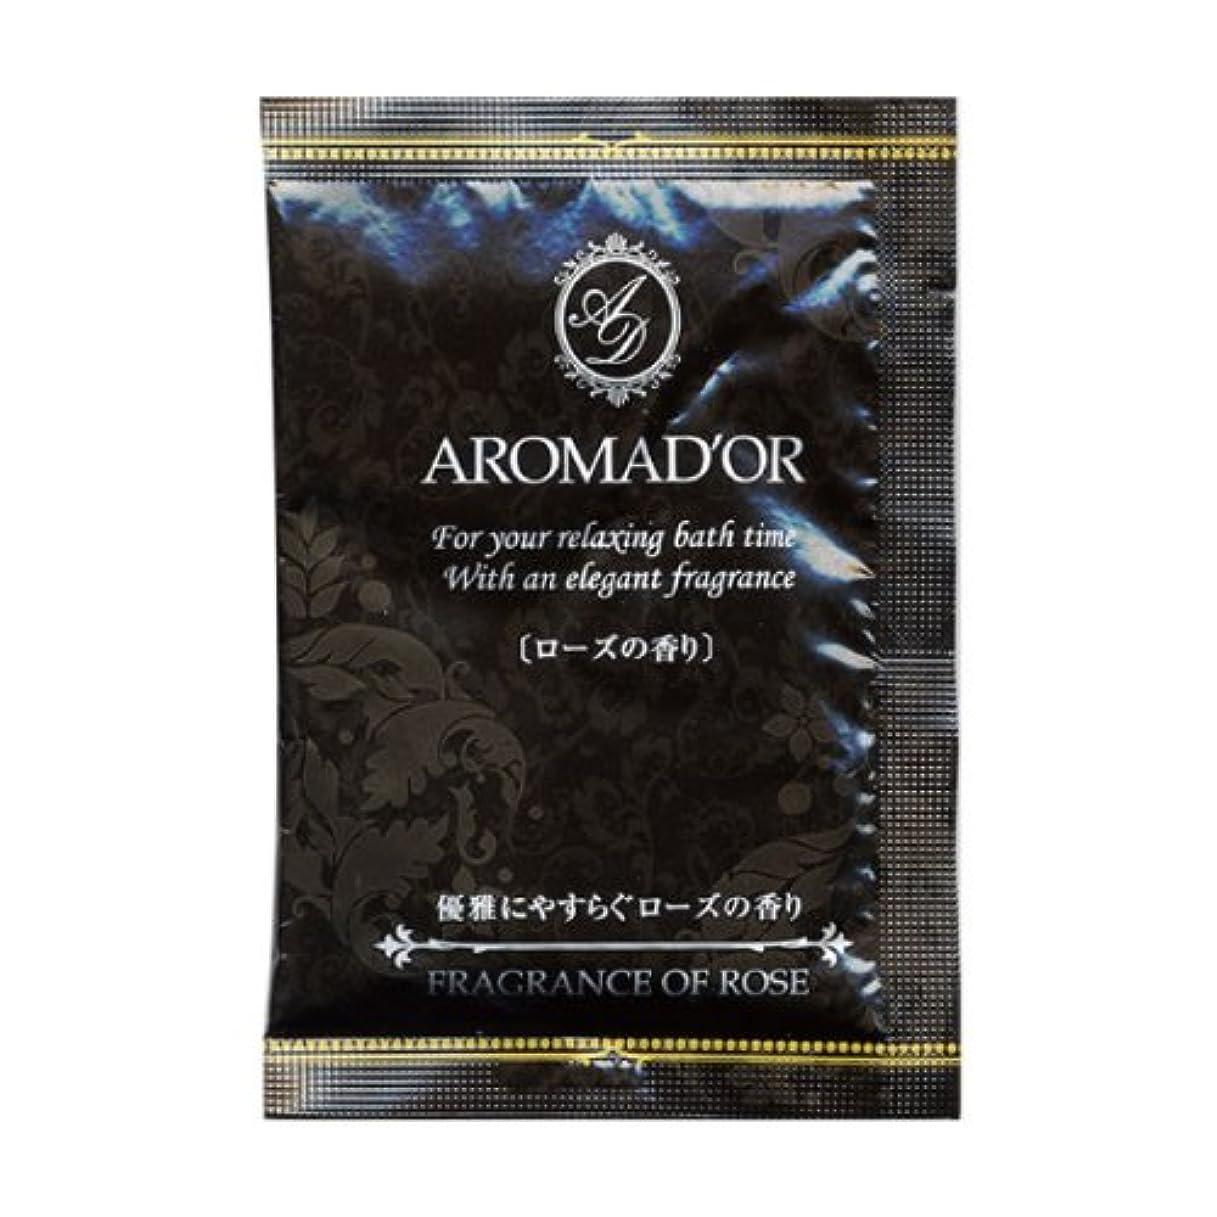 アロマドール入浴剤 フレグランスローズの香り 200包